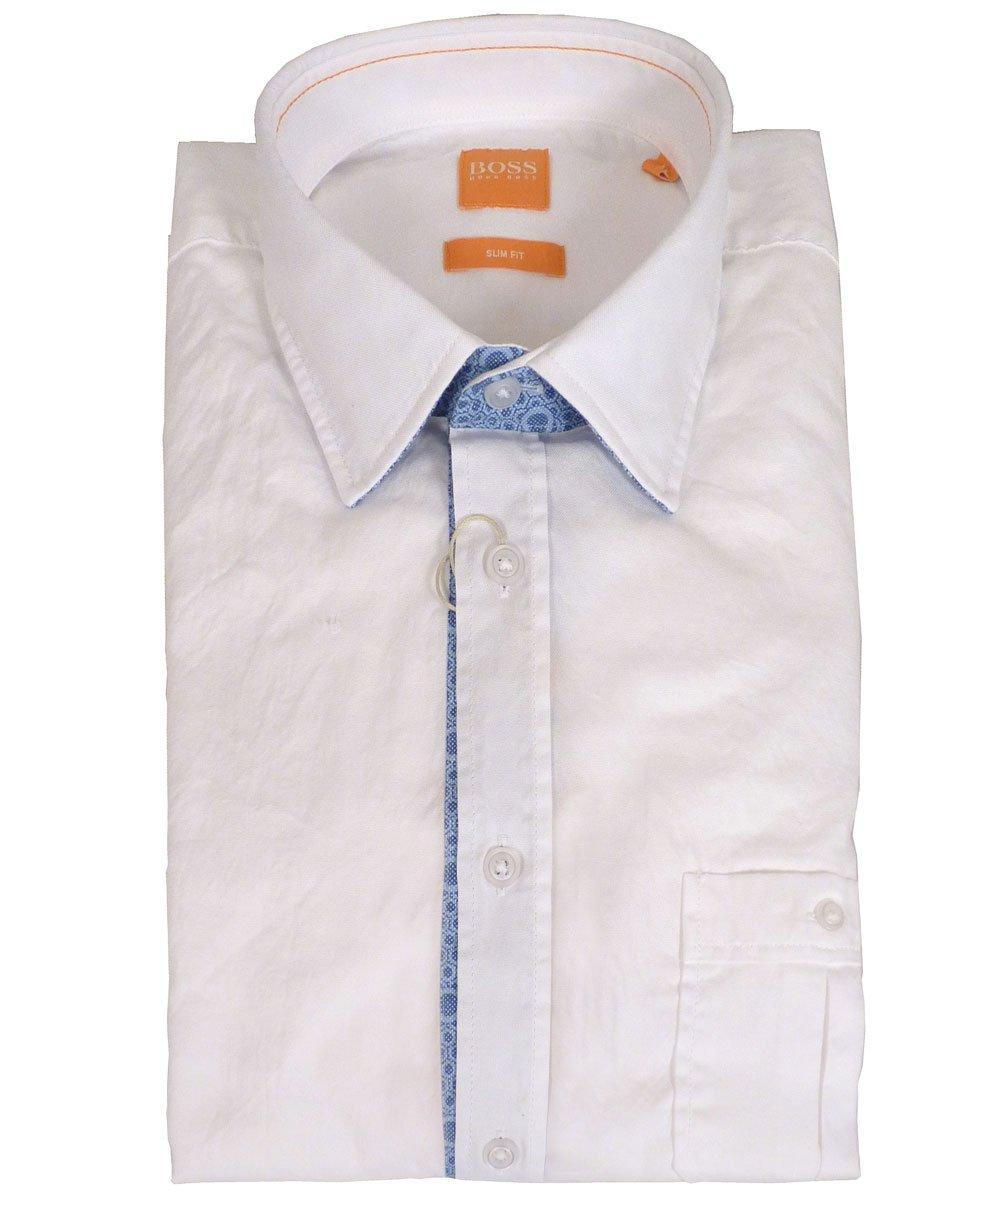 Hugo Boss 39 Eslime 39 Slim Fit Shirt In White Hugo Boss